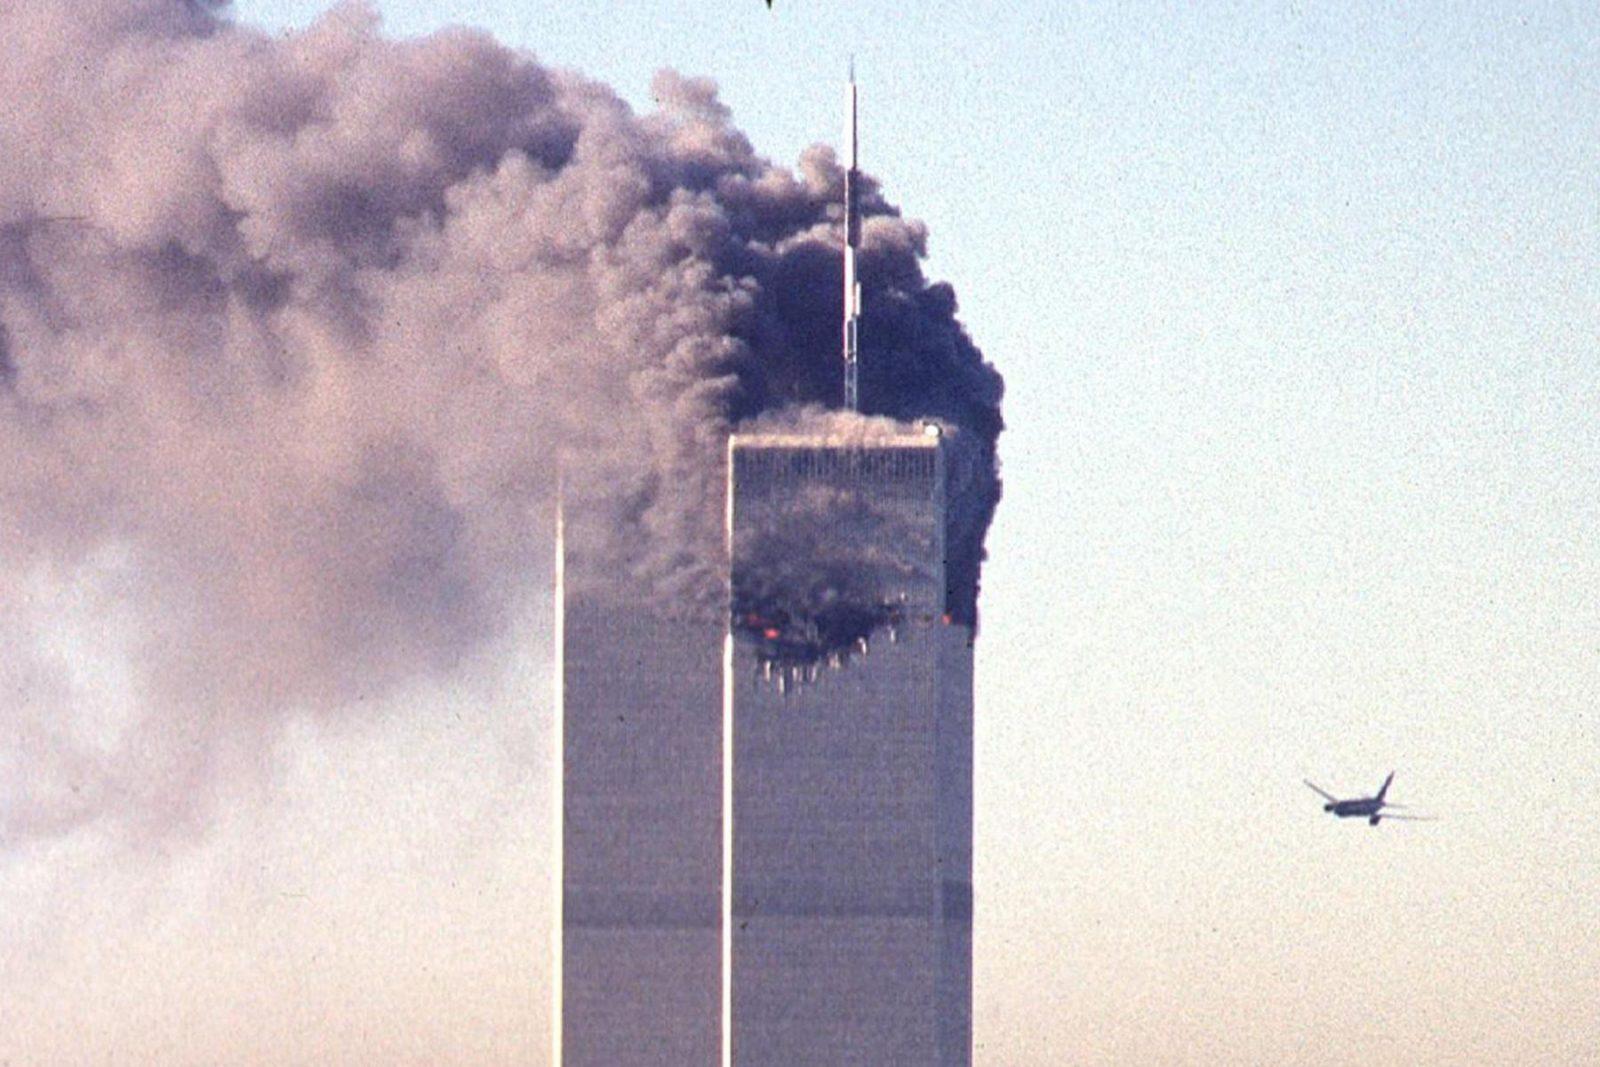 Biden acudirá a los 3 lugares memorables del 11 de septiembre